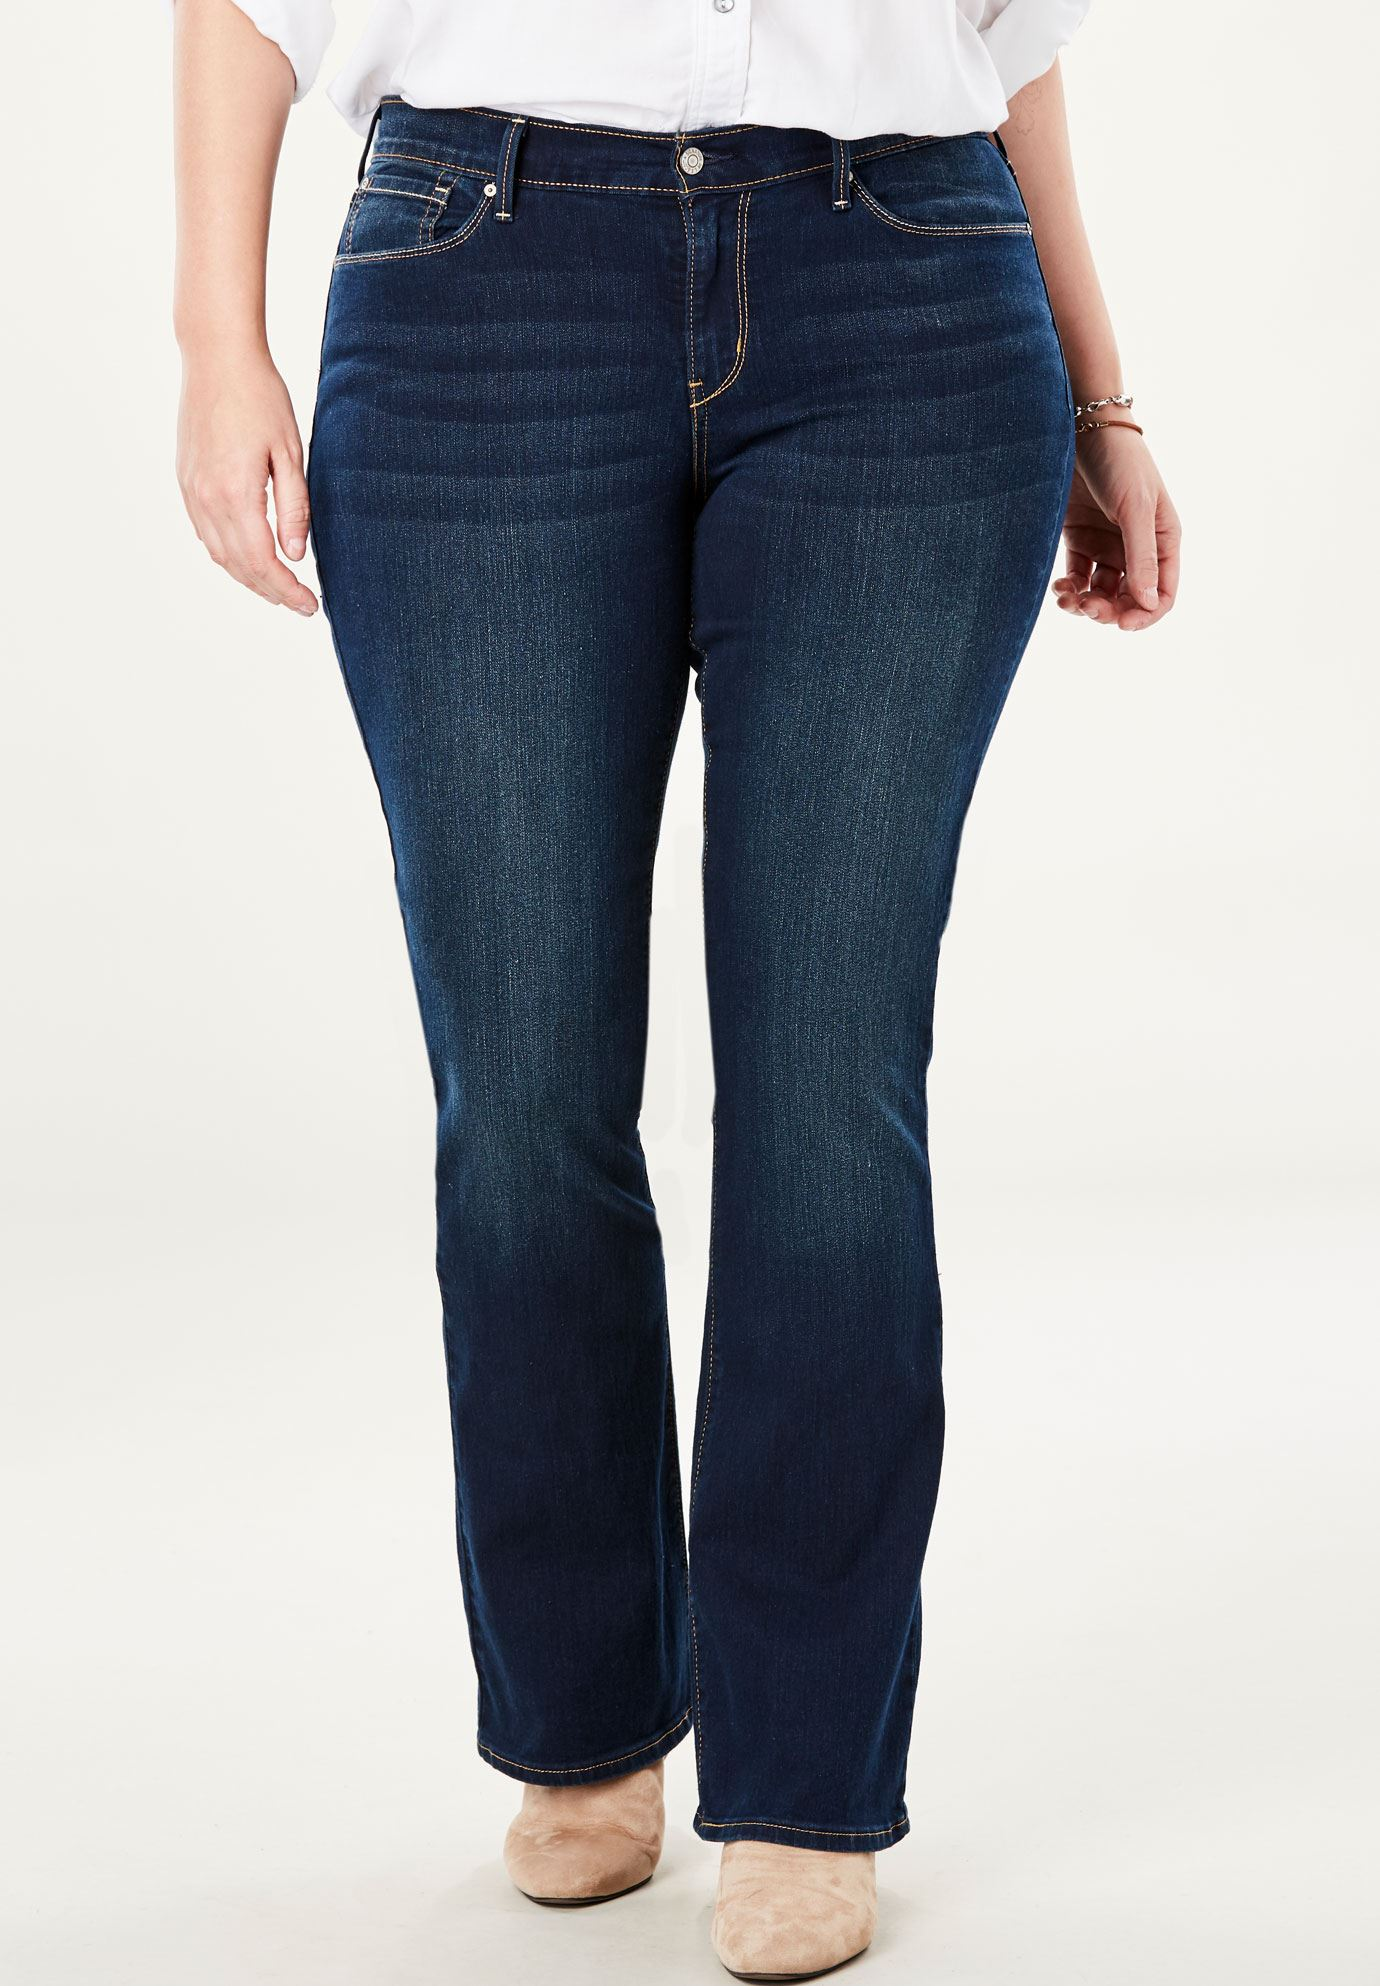 levis-petite-curvy-bootcut-jeans